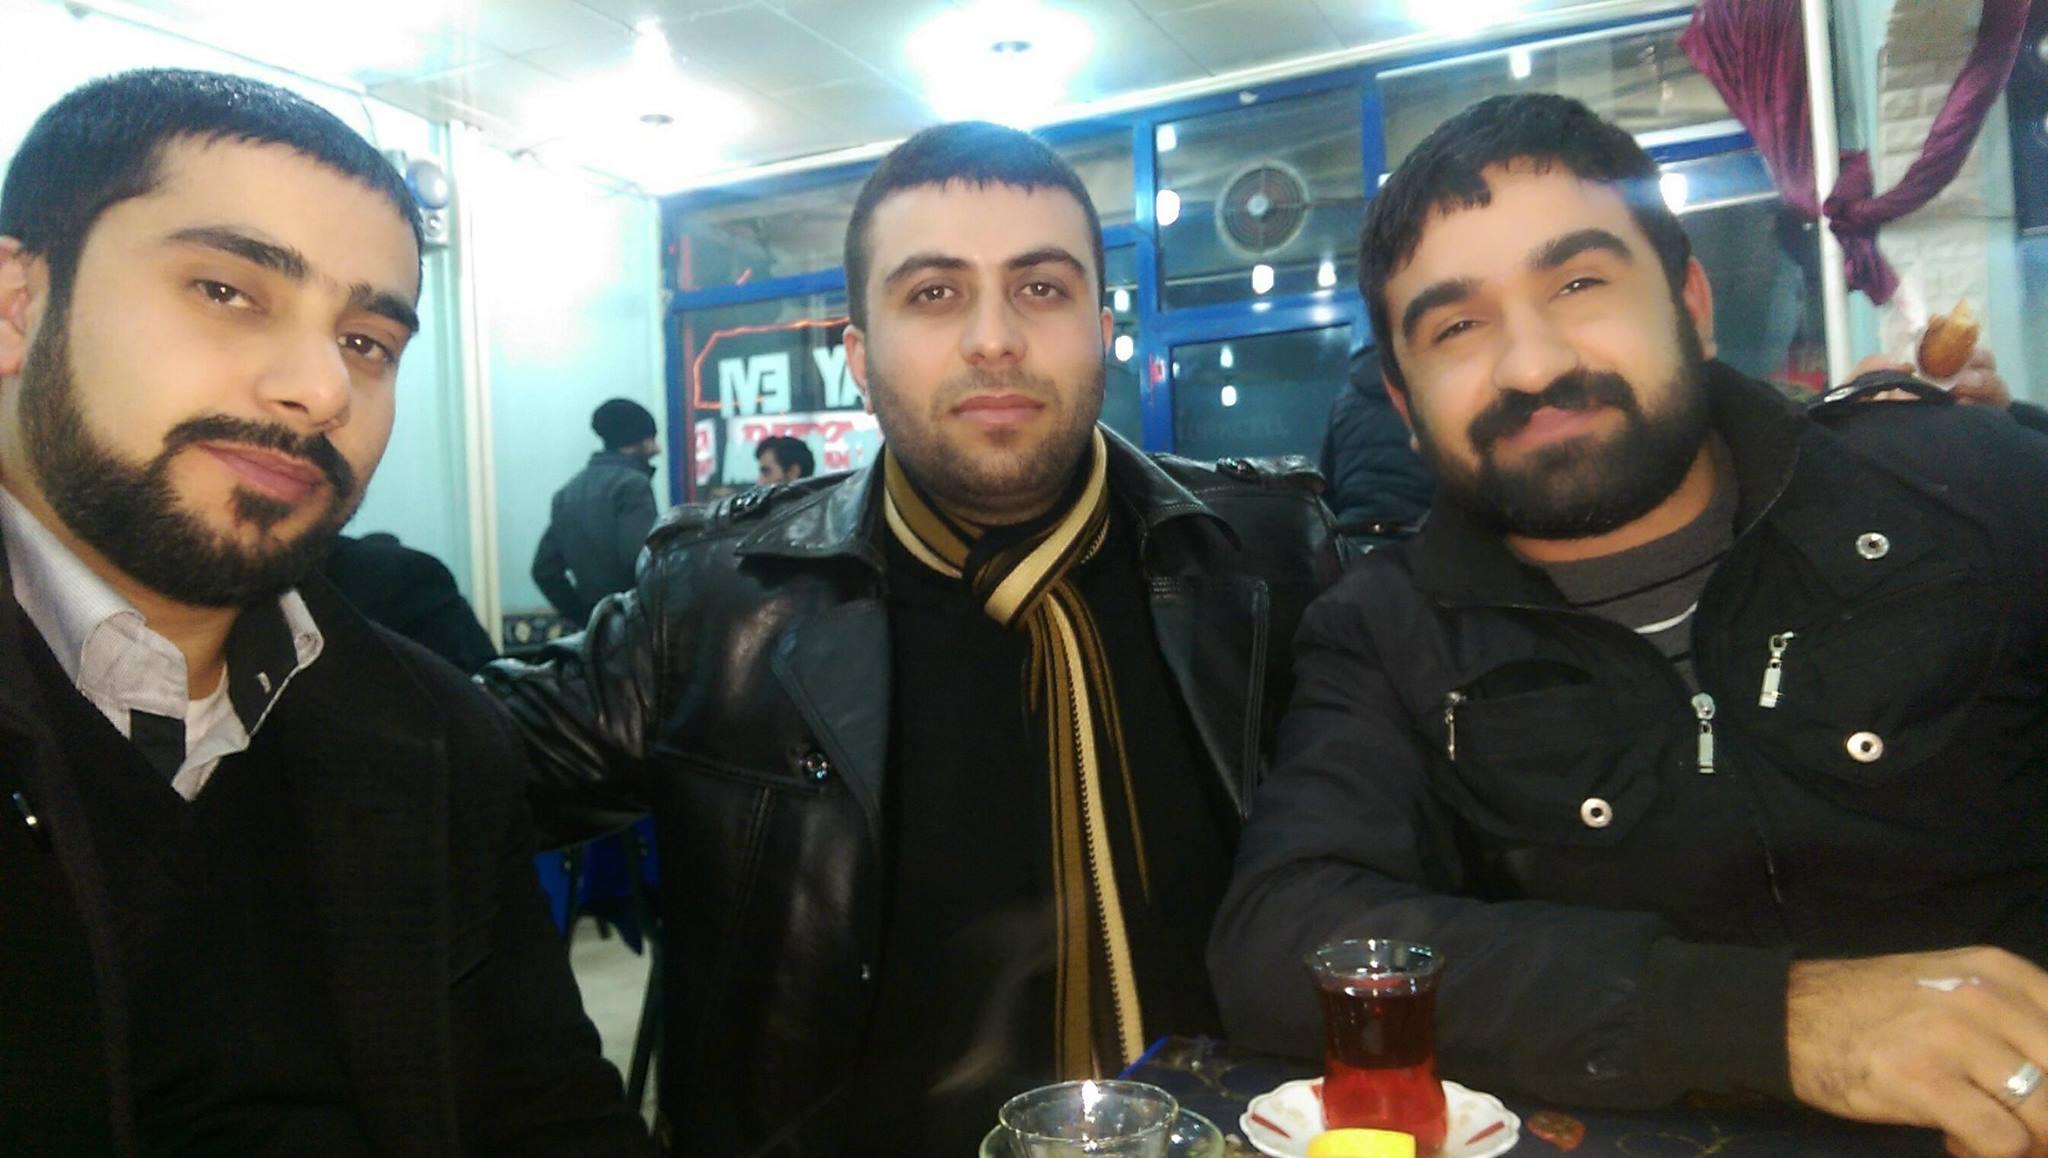 Mau Menikah dengan Pria Turki  Pertimbangkan Hal Ini oleh muthiah alhasany  - Kompasiana.com 8c79f82ae9